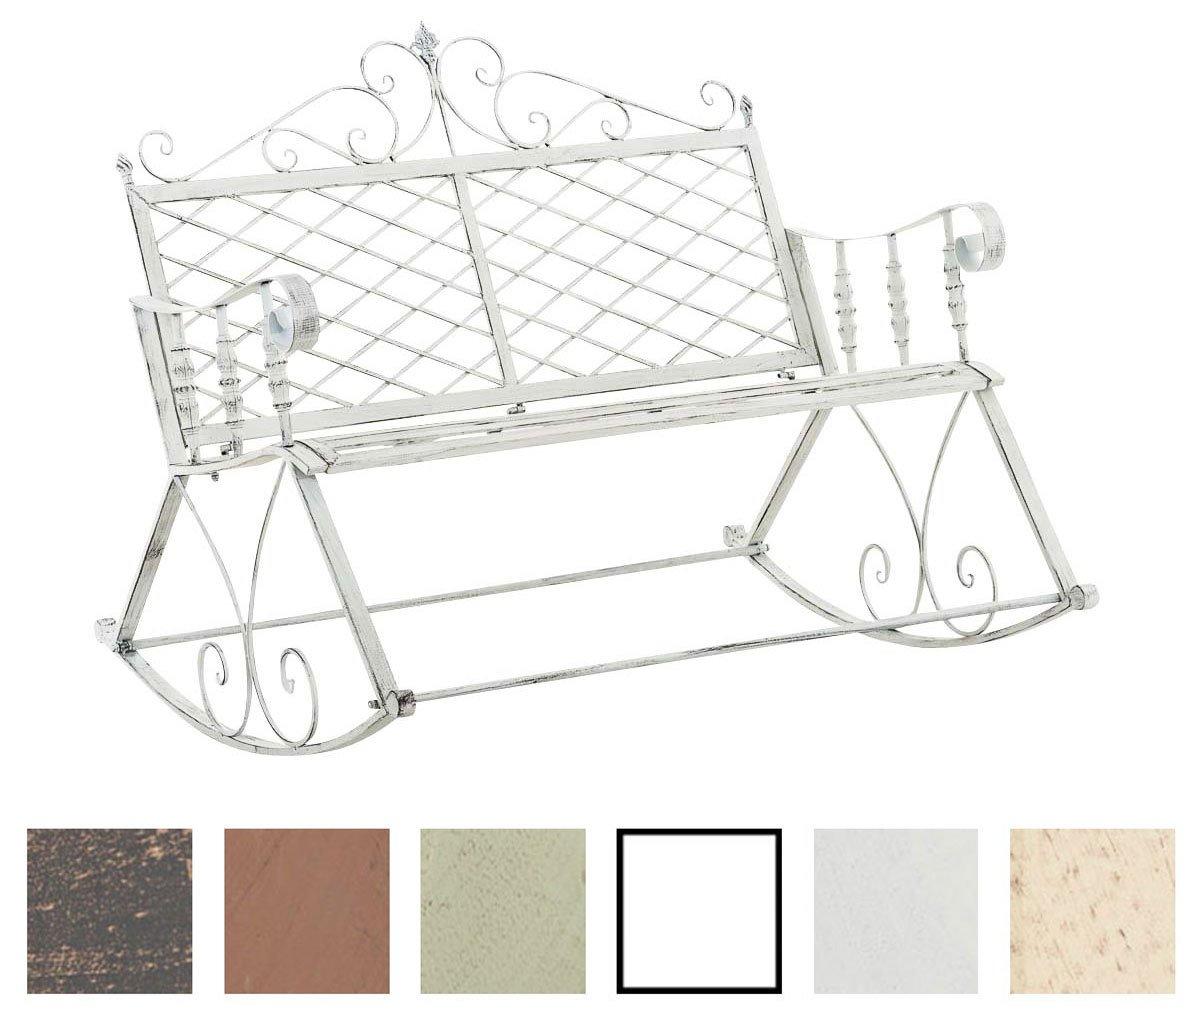 CLP Eisen Schaukel Bank ASHVINS, Gartenbank 2 Sitzer, Landhaus Stil, Design  Nostalgisch Antik Antik Weiß Online Kaufen